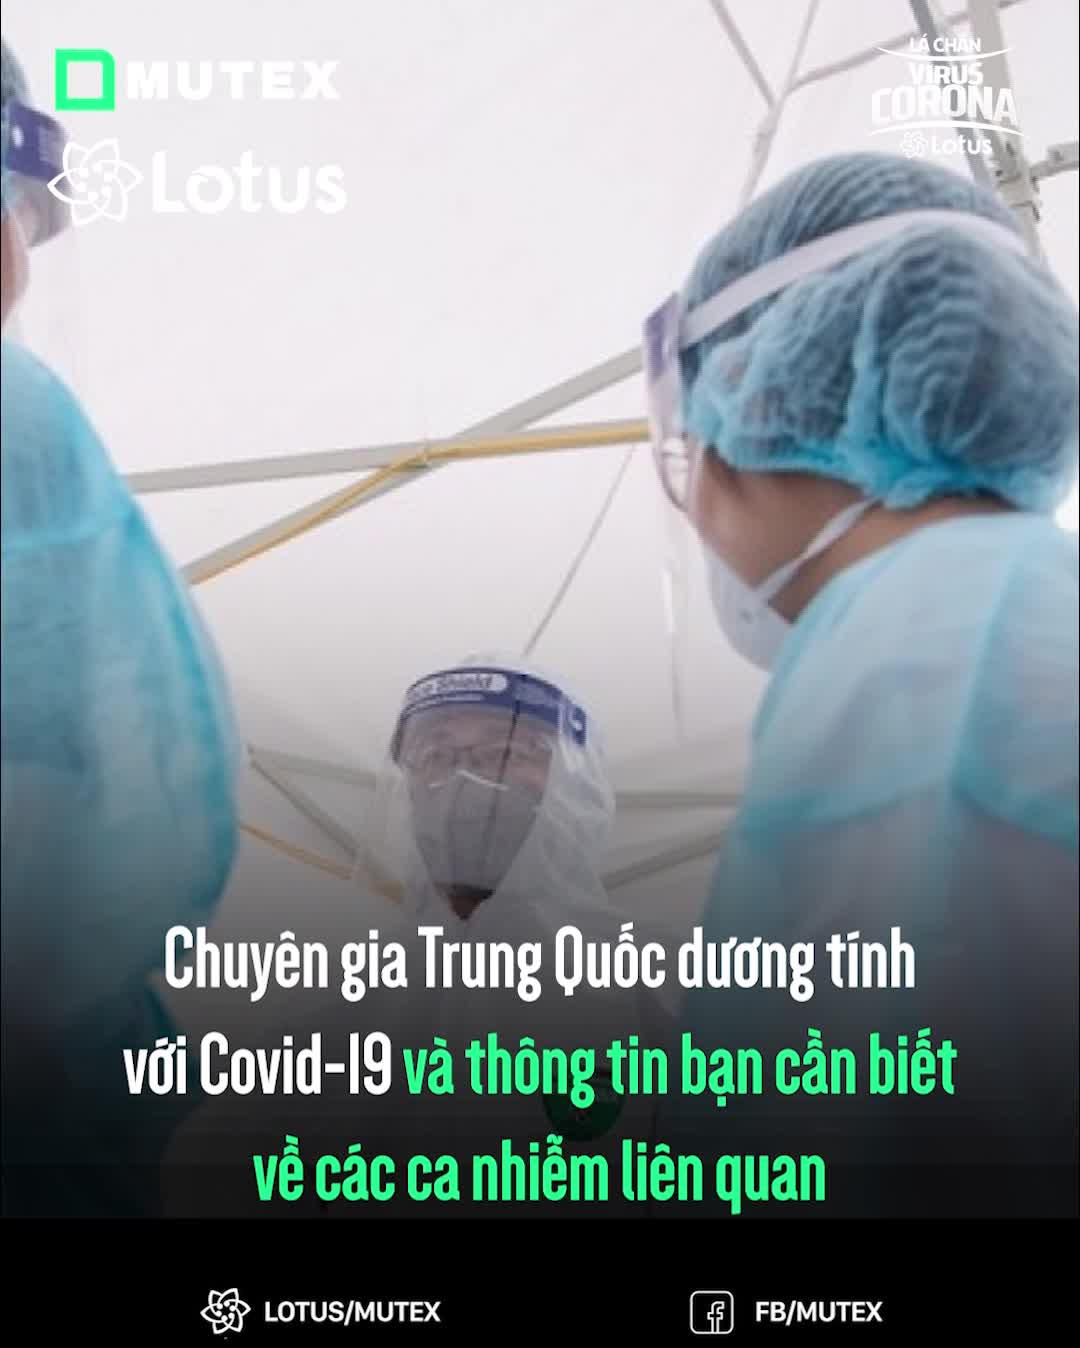 Chuyên gia Trung Quốc dương tính với Covid-19 và thông tin bạn cần biết về các ca nhiễm liên quan